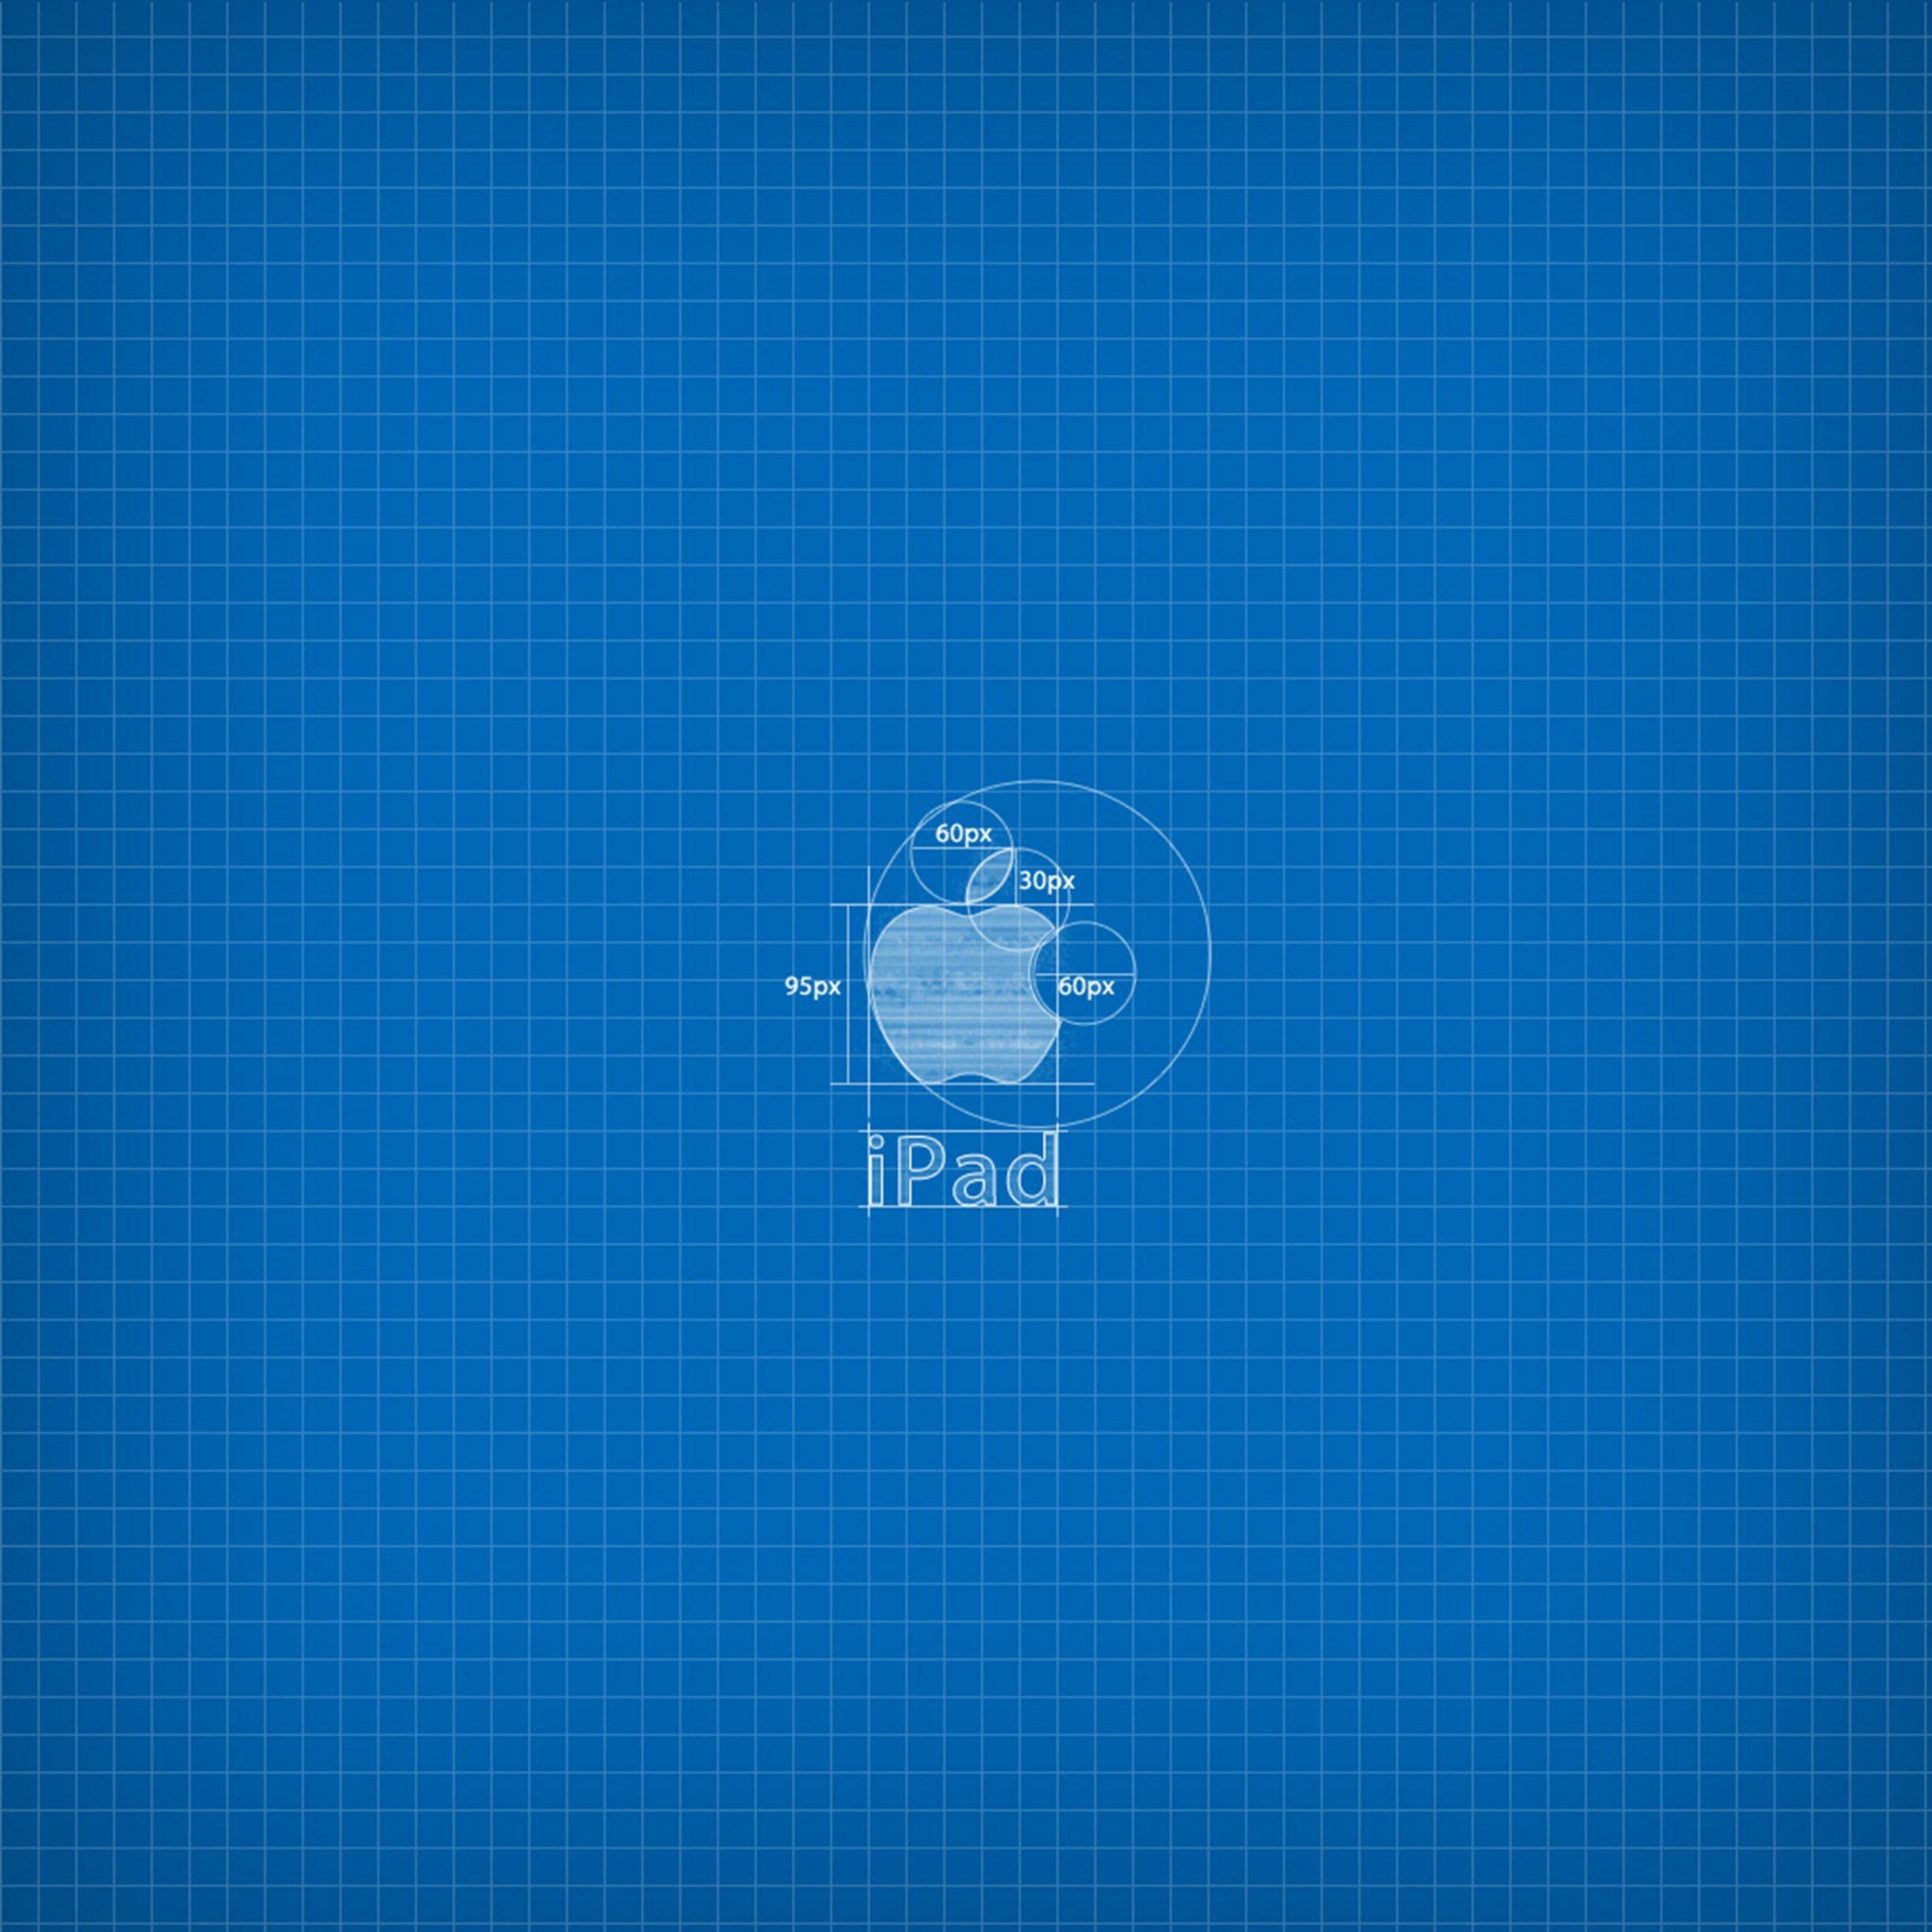 2932x2932 iPad Pro wallpaper 4k Apple Blueprint Ipad Wallpaper 2932x2932 pixels resolution